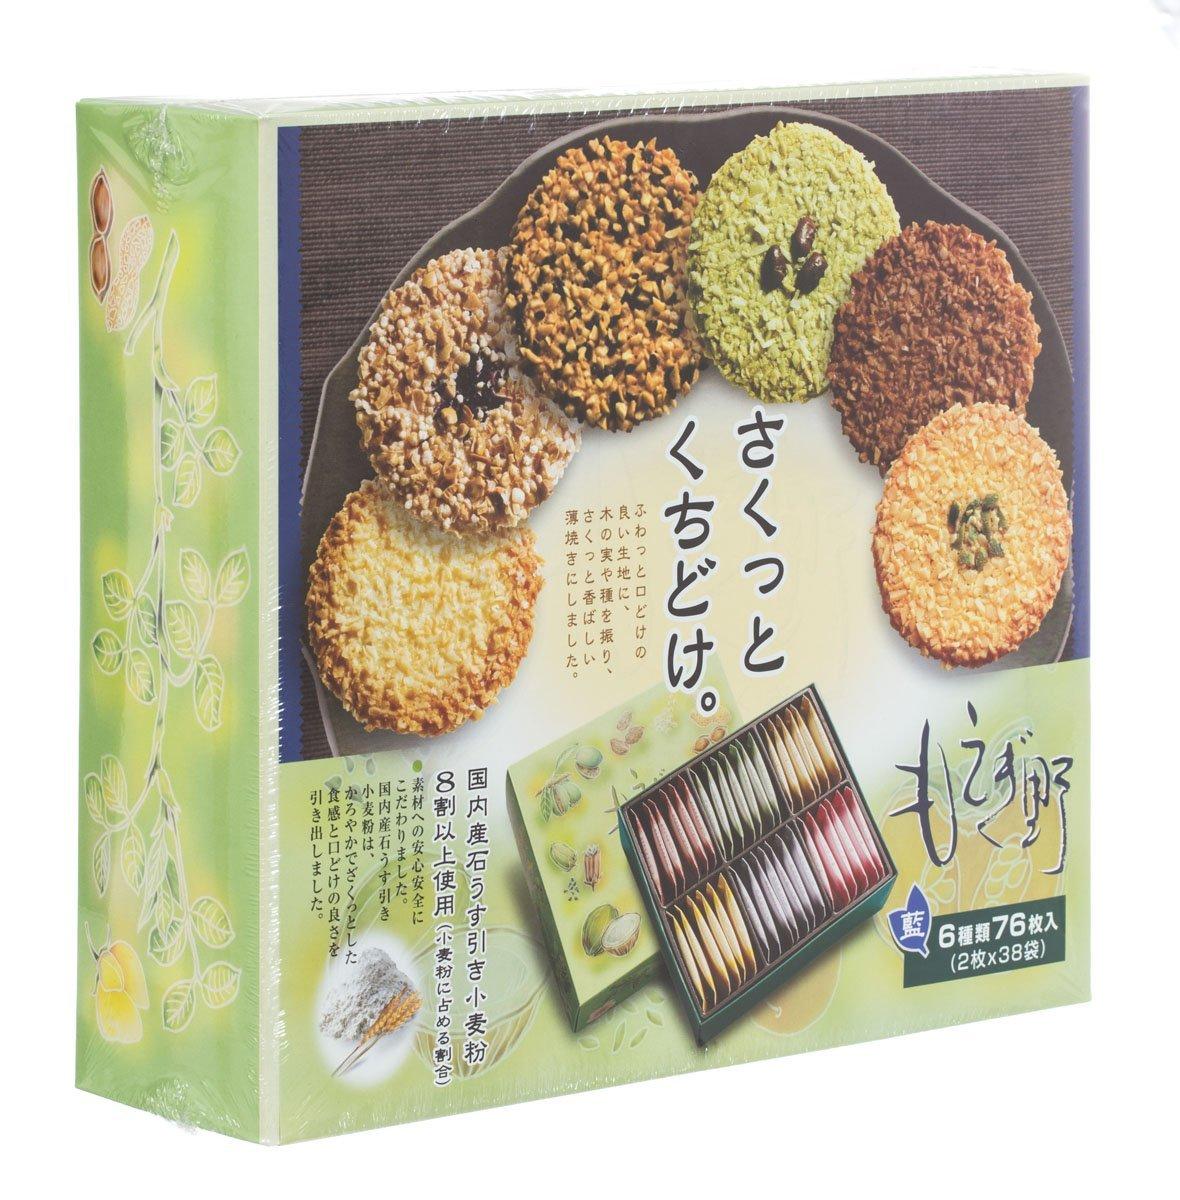 Moegino Ai Chibori Cookie, 21.9 ounce